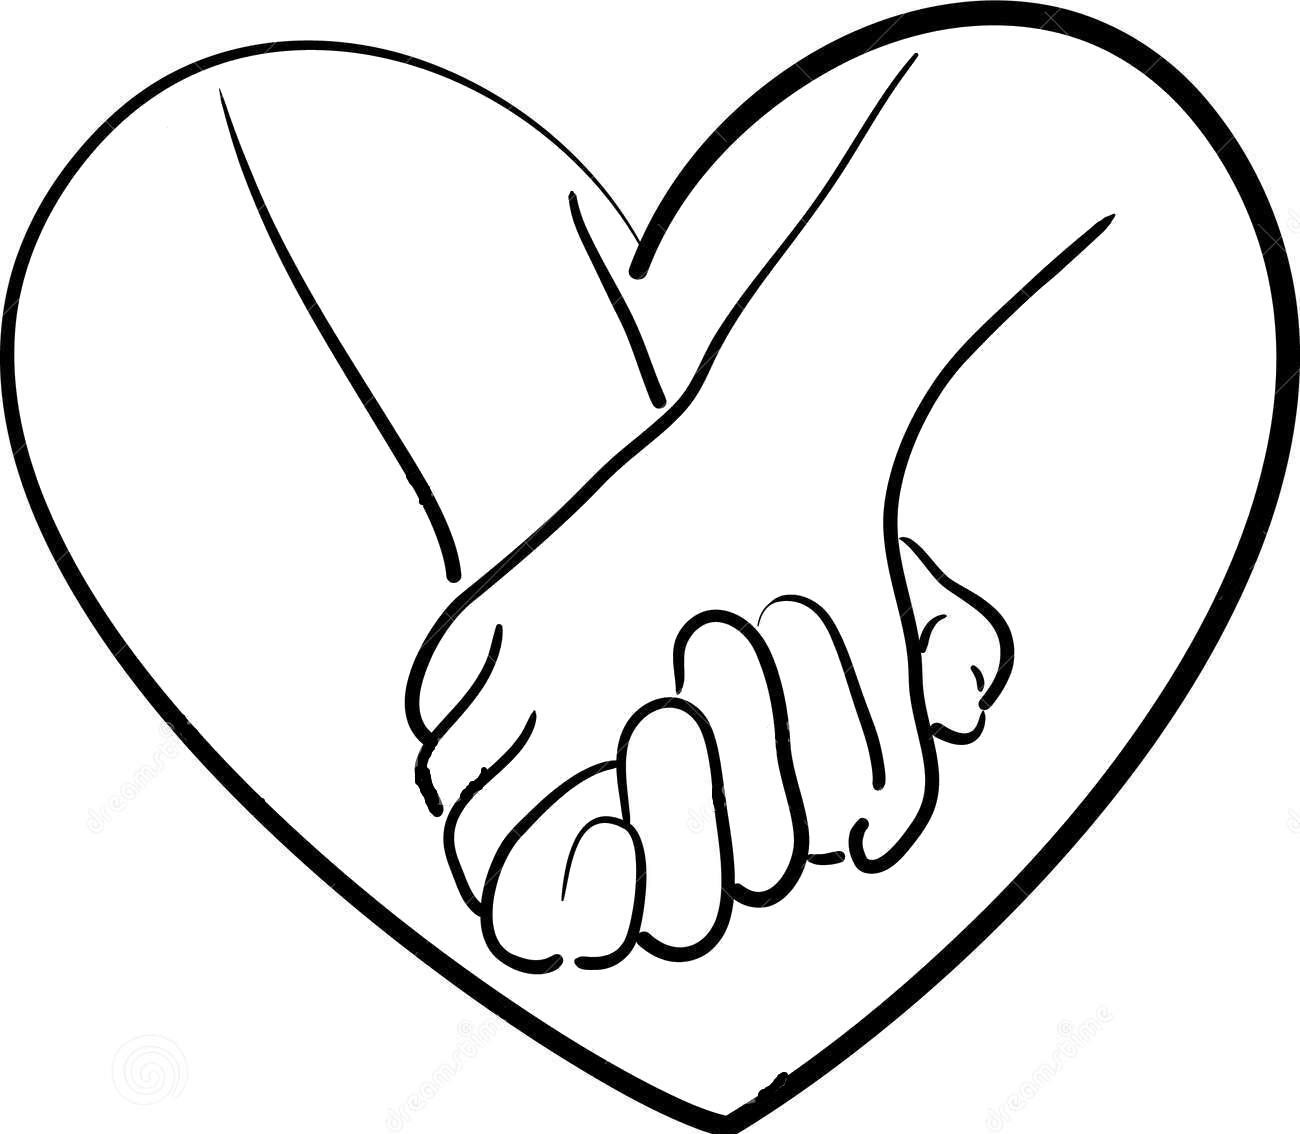 Tranh tô màu bàn tay và hình trái tim